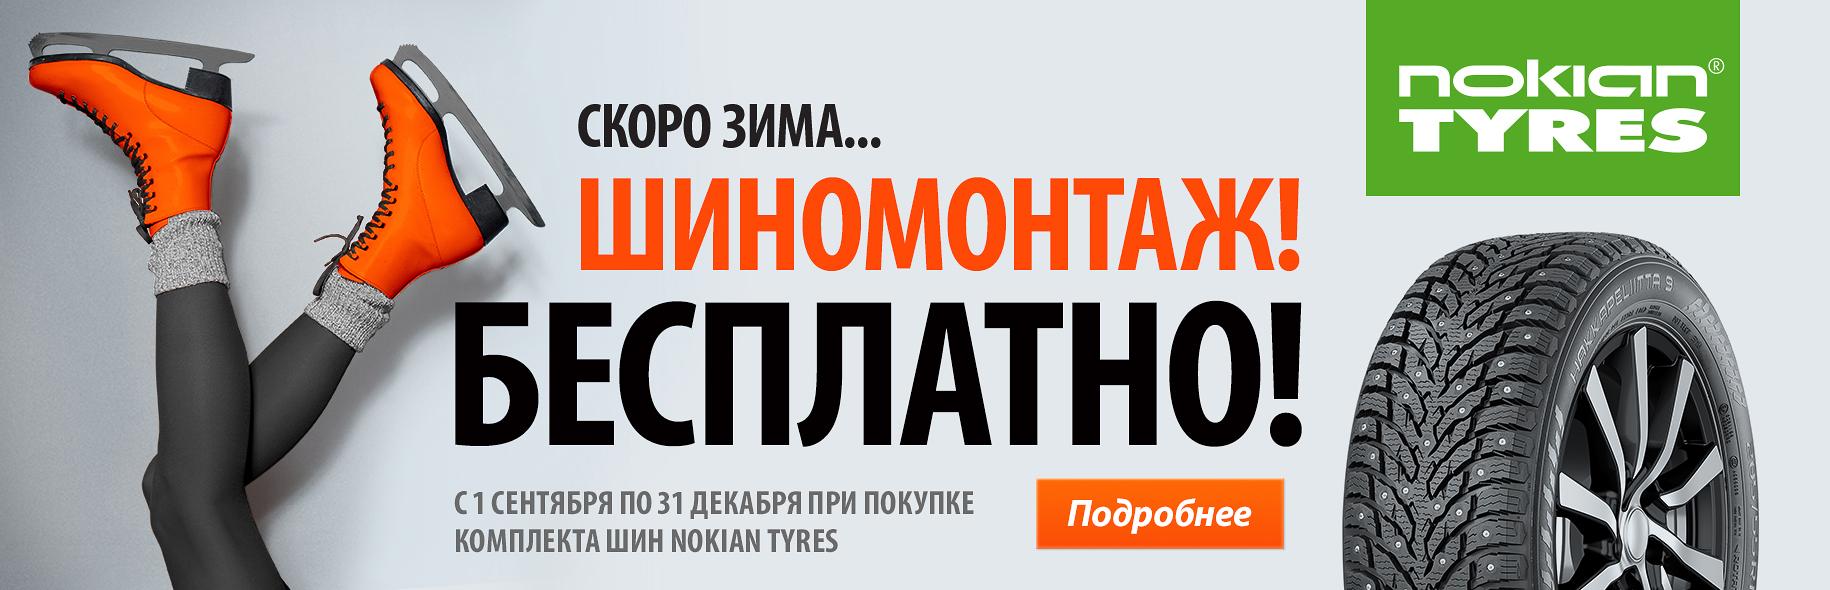 Купить шины спб шиномонтаж бесплатно спб купить шины на ниву